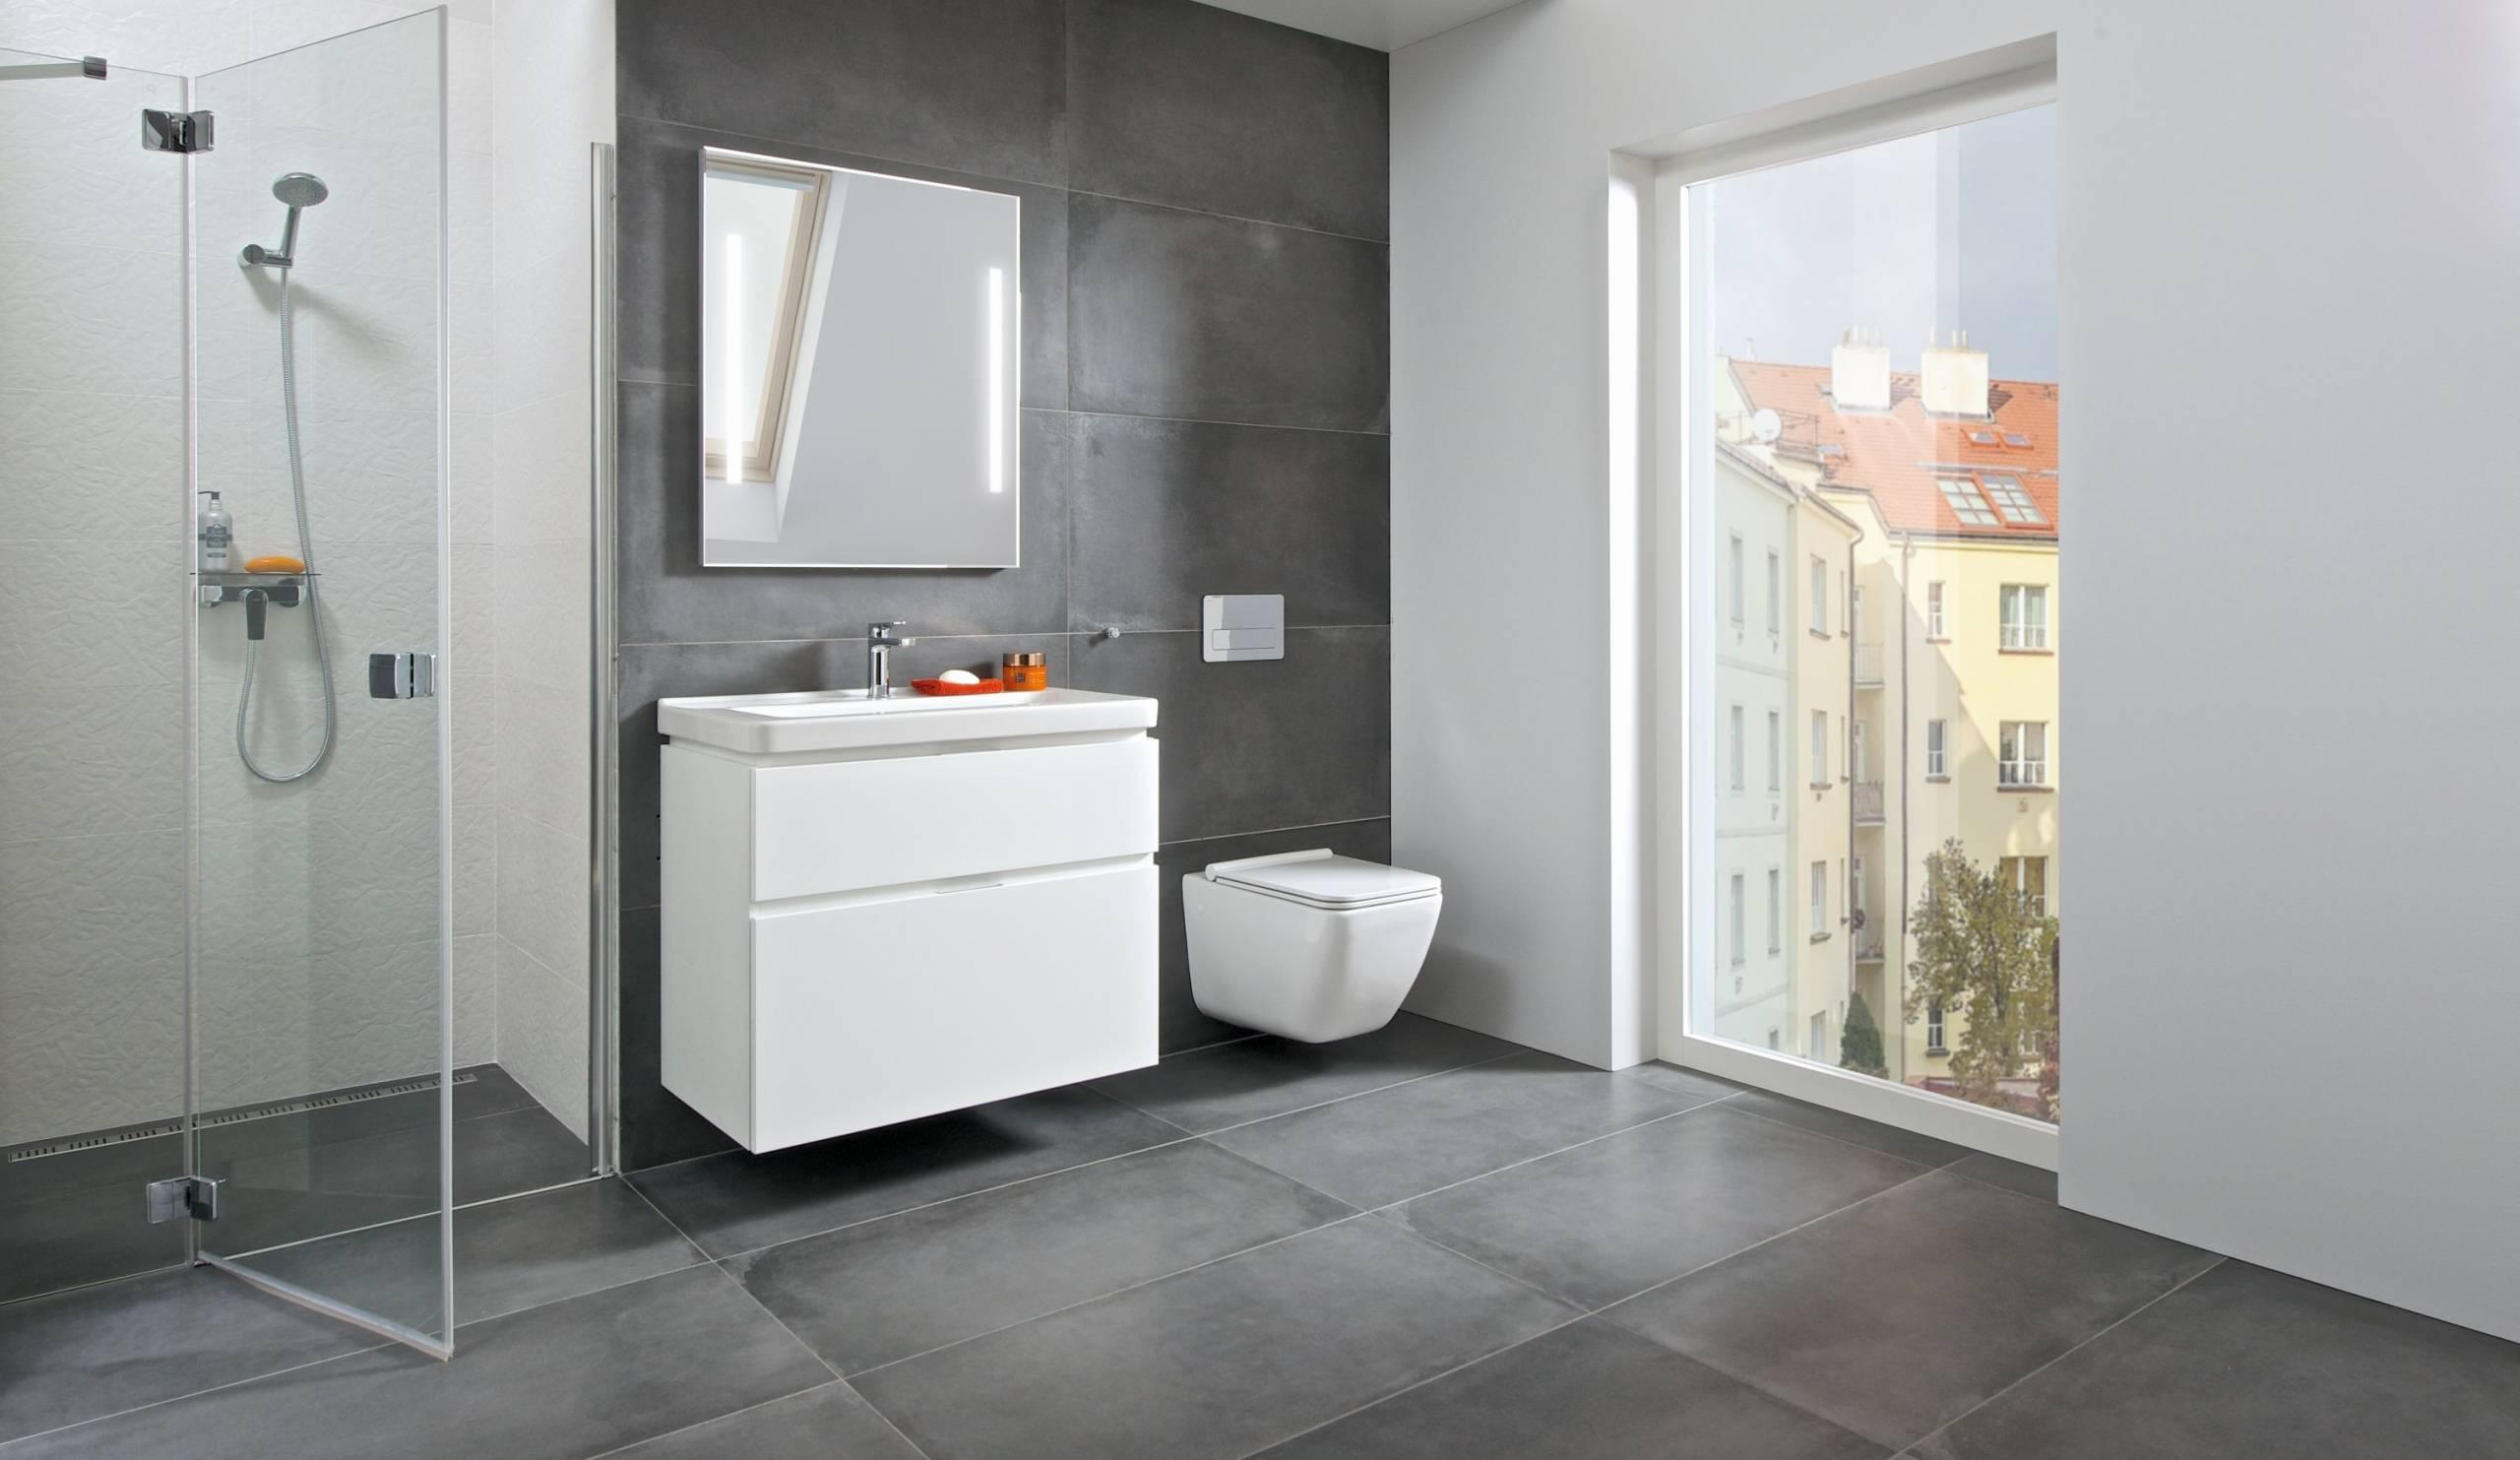 minimalismus, koupelna, minimalistický nábytek, lakovaný nábytek, dřevodekor, JIKA, koupelna, koupelny